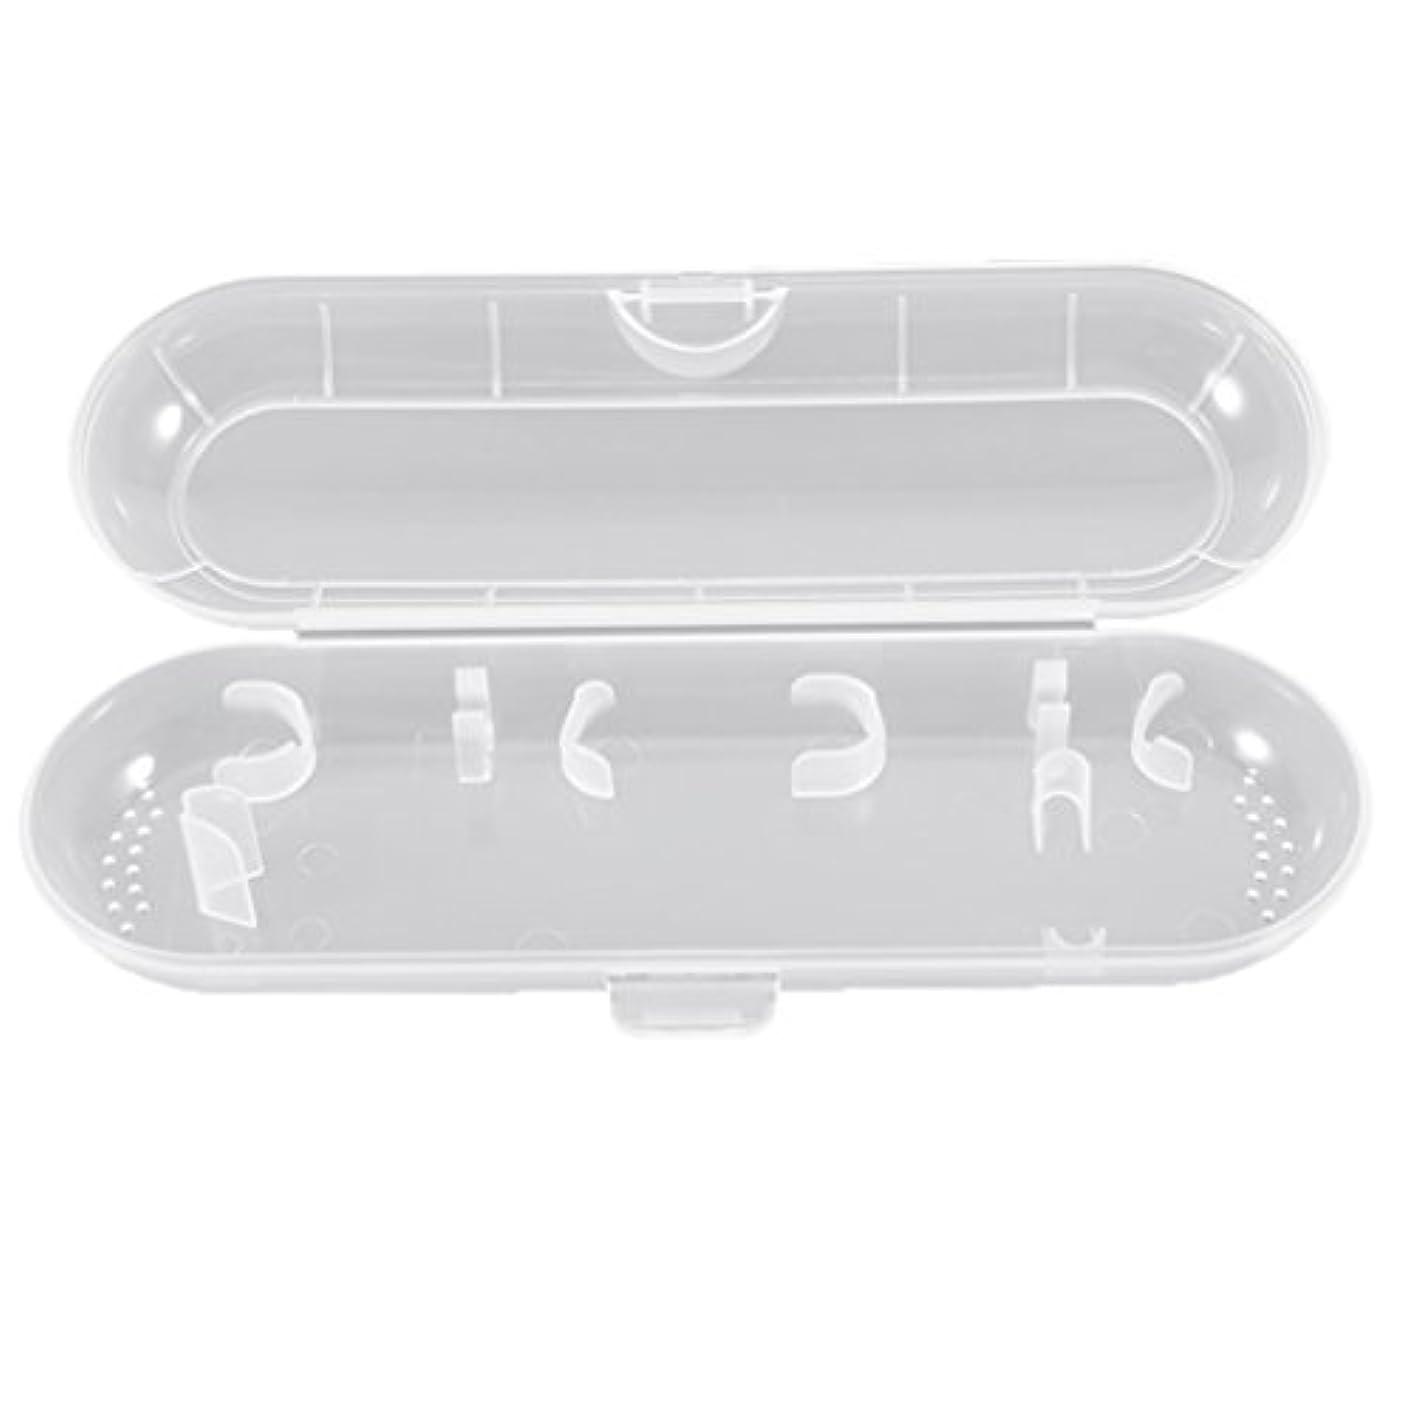 砂のこんにちはそうでなければHonel 透明 電動歯ブラシ収納ボックス プラスチック 電動歯ブラシケース 収納ケース ブラウン オーラルB対応